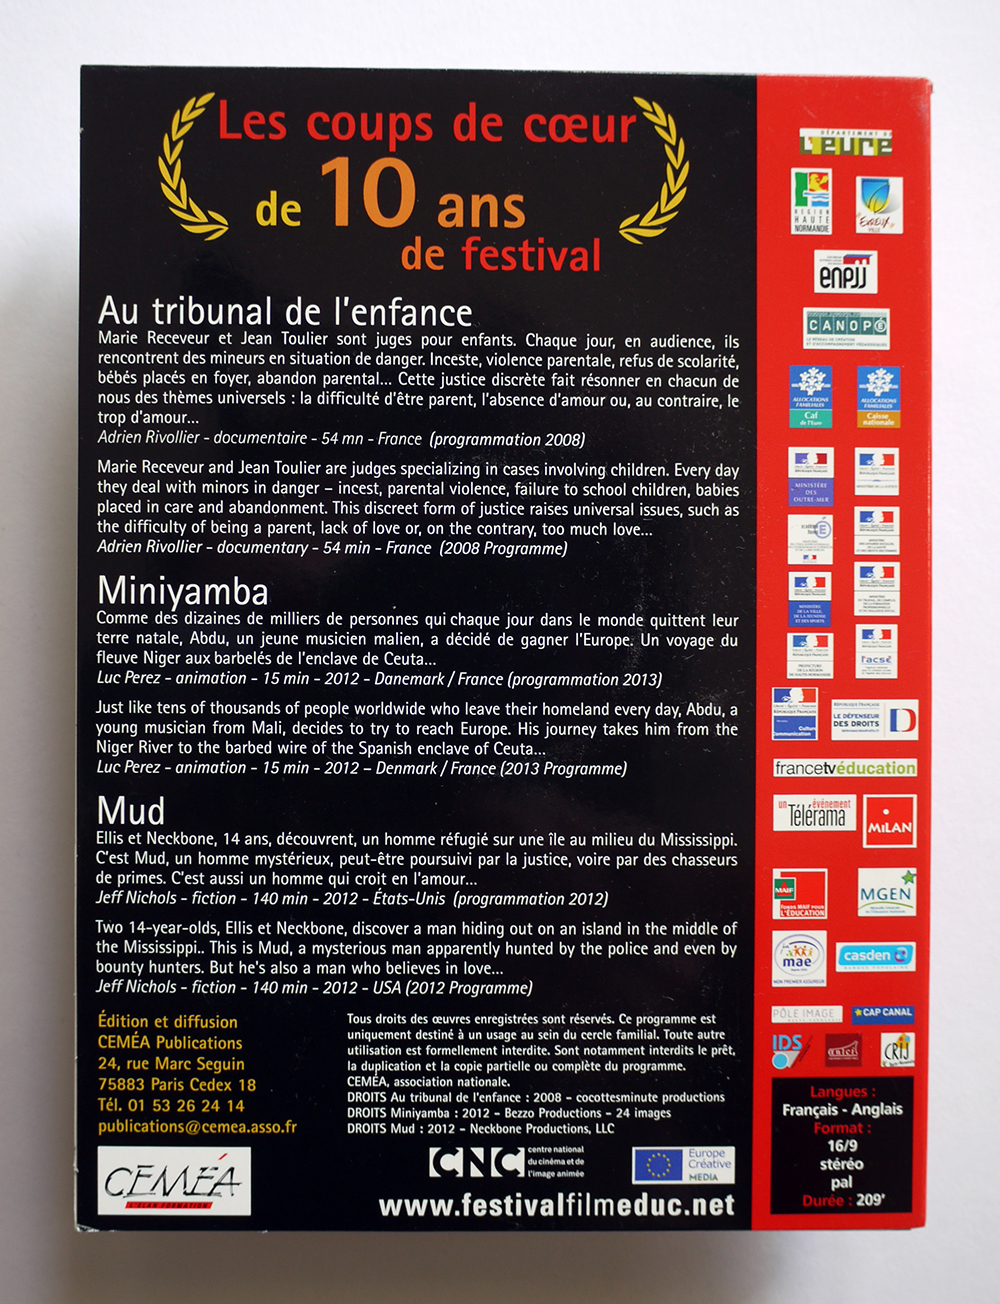 Jaquette Coups de cœur de 10 ans de festival